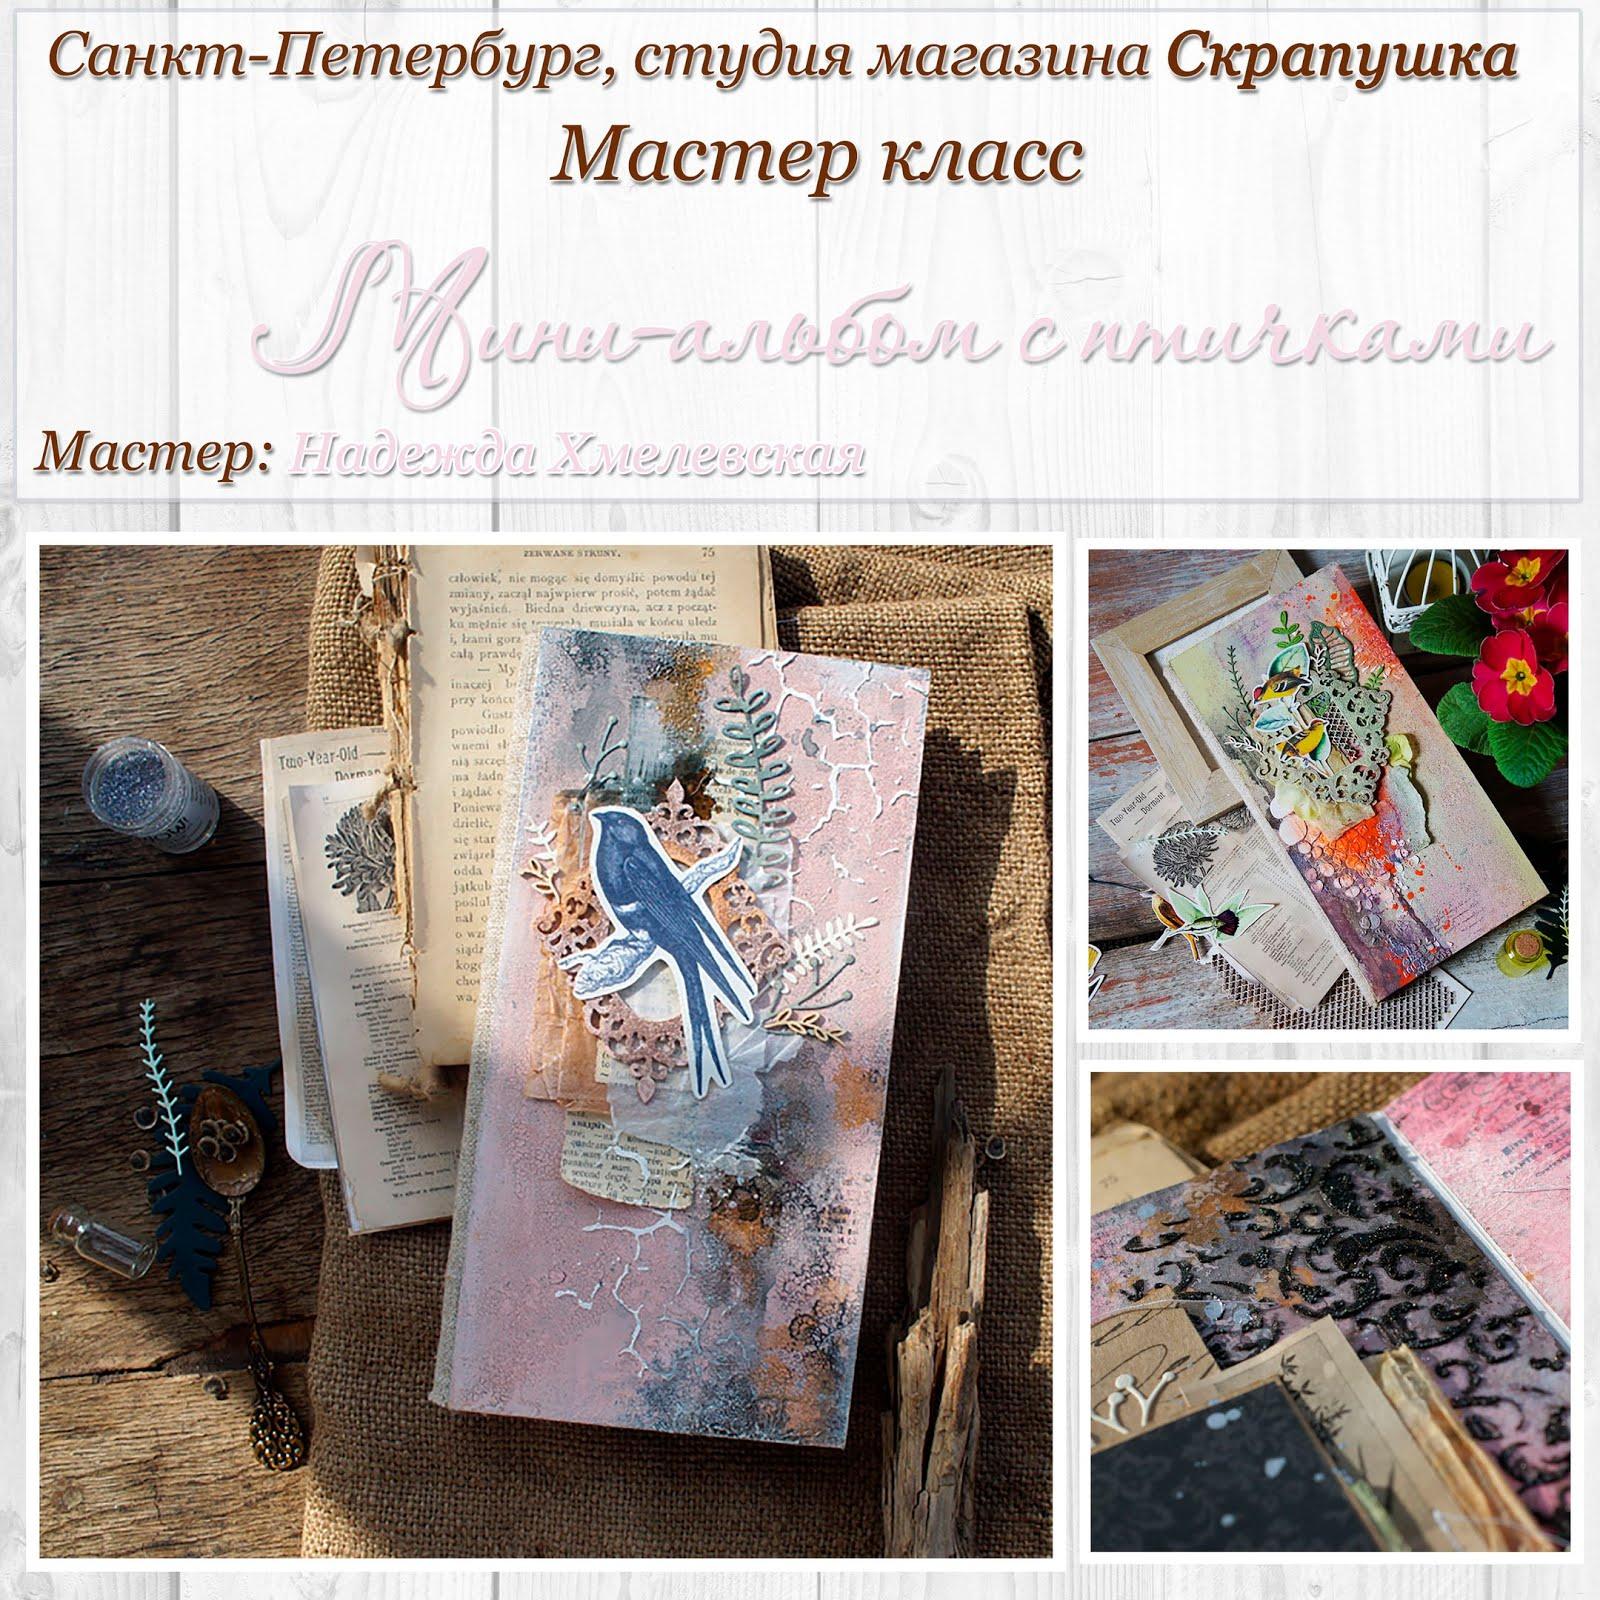 МК в Санкт-Петербурге 9 июля